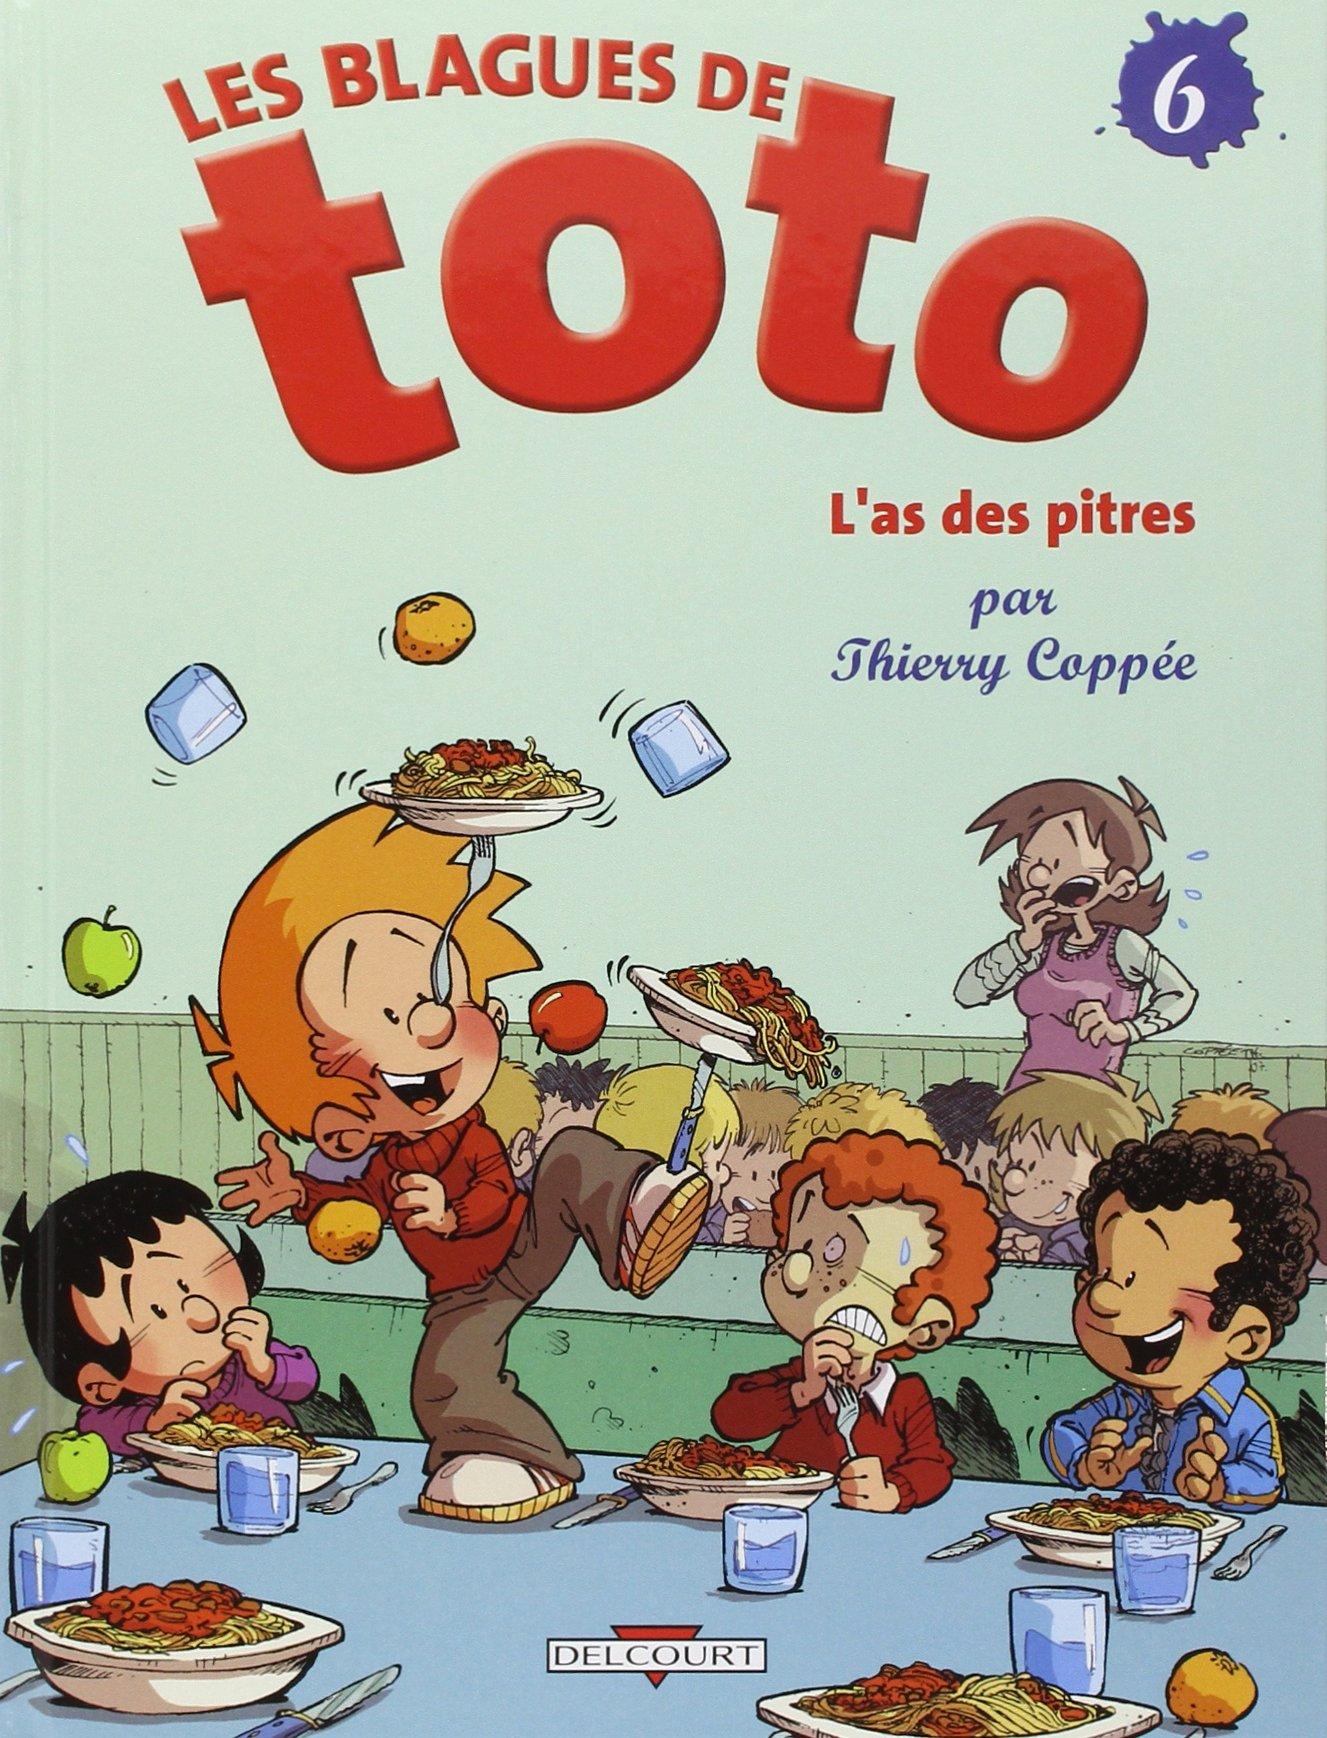 Les Blagues de Toto, Tome 6 : L'as des pitres Album – 9 avril 2008 Thierry Coppée Tome 6 : L'as des pitres Delcourt 2756011746